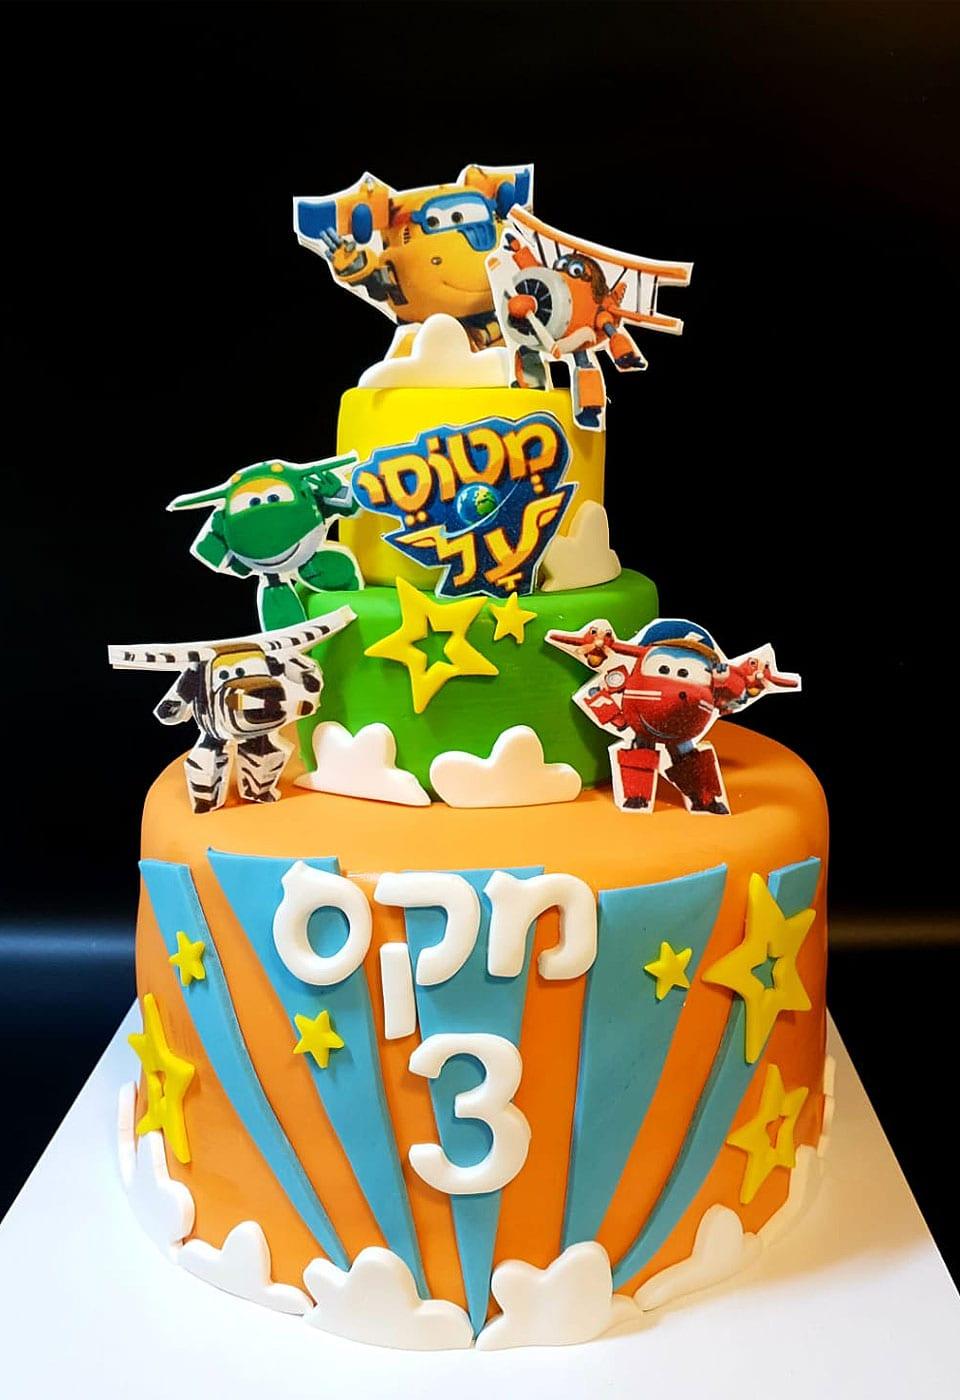 עוגת יום הולדת מטוסי על